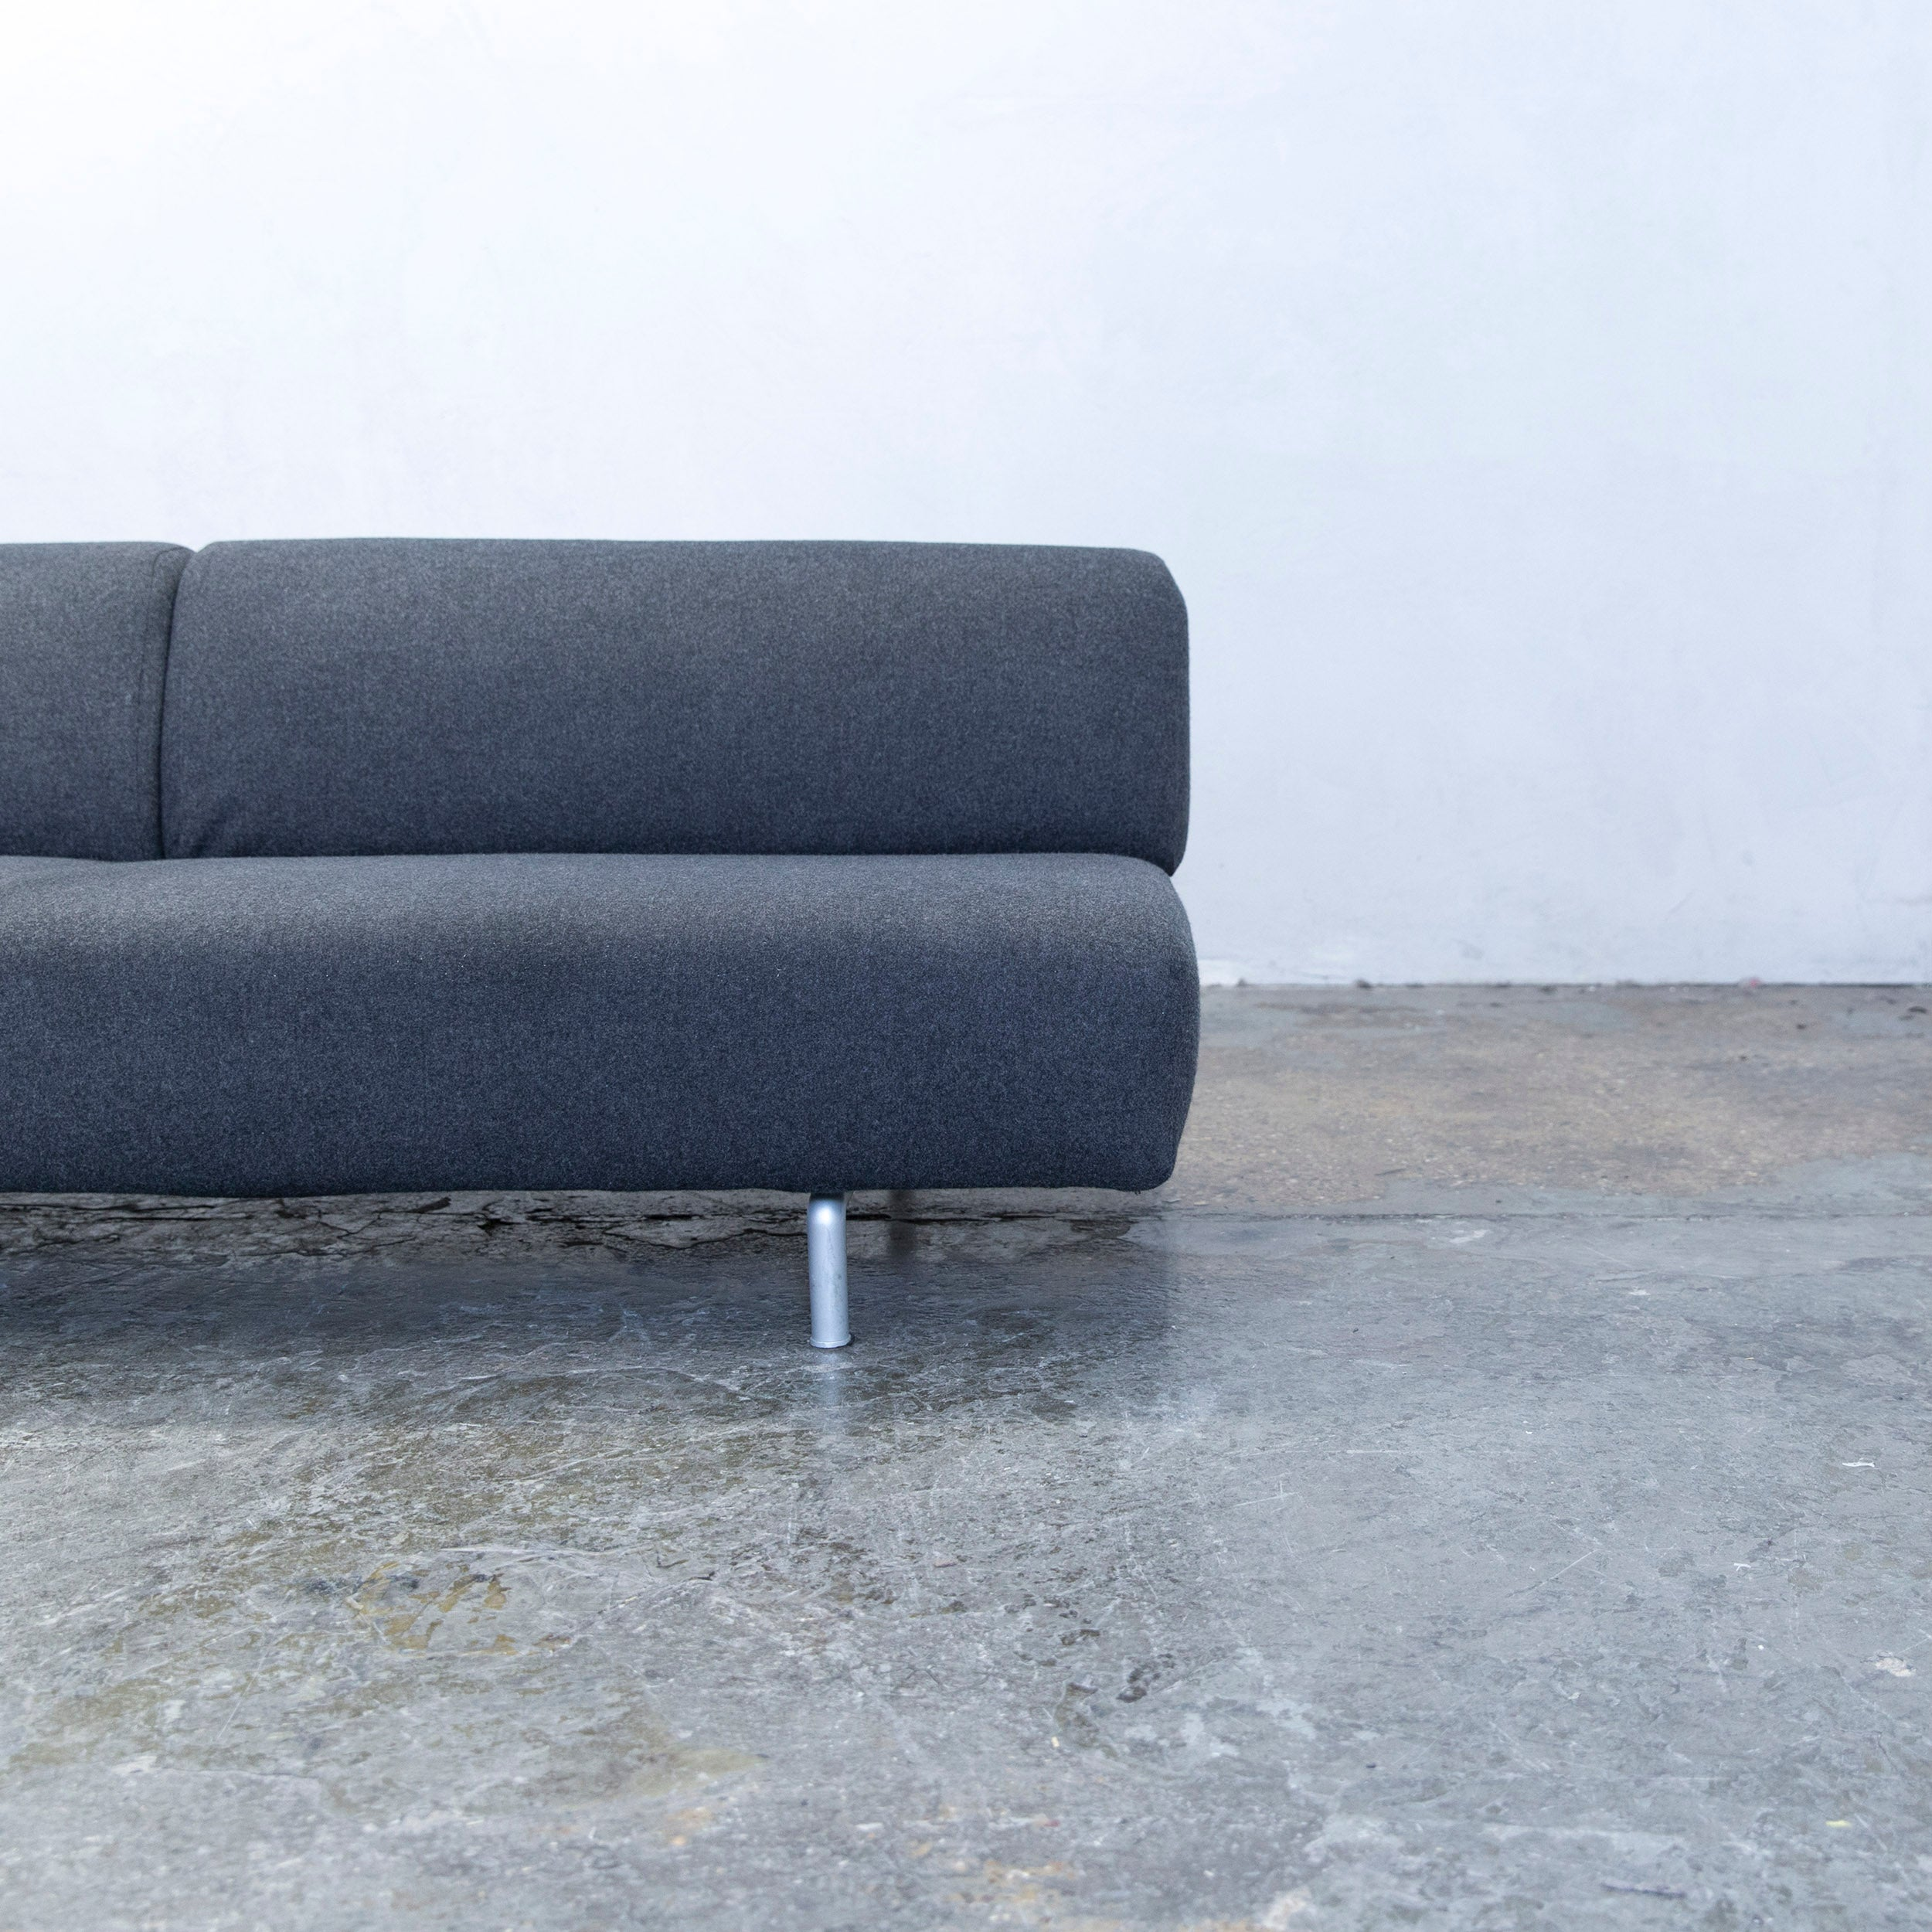 Anthrazit Sofa Cool Fotografie Ecksofa Anthrazit: Couch Stoff Kaufen. With Couch Stoff Kaufen. Bella Sun